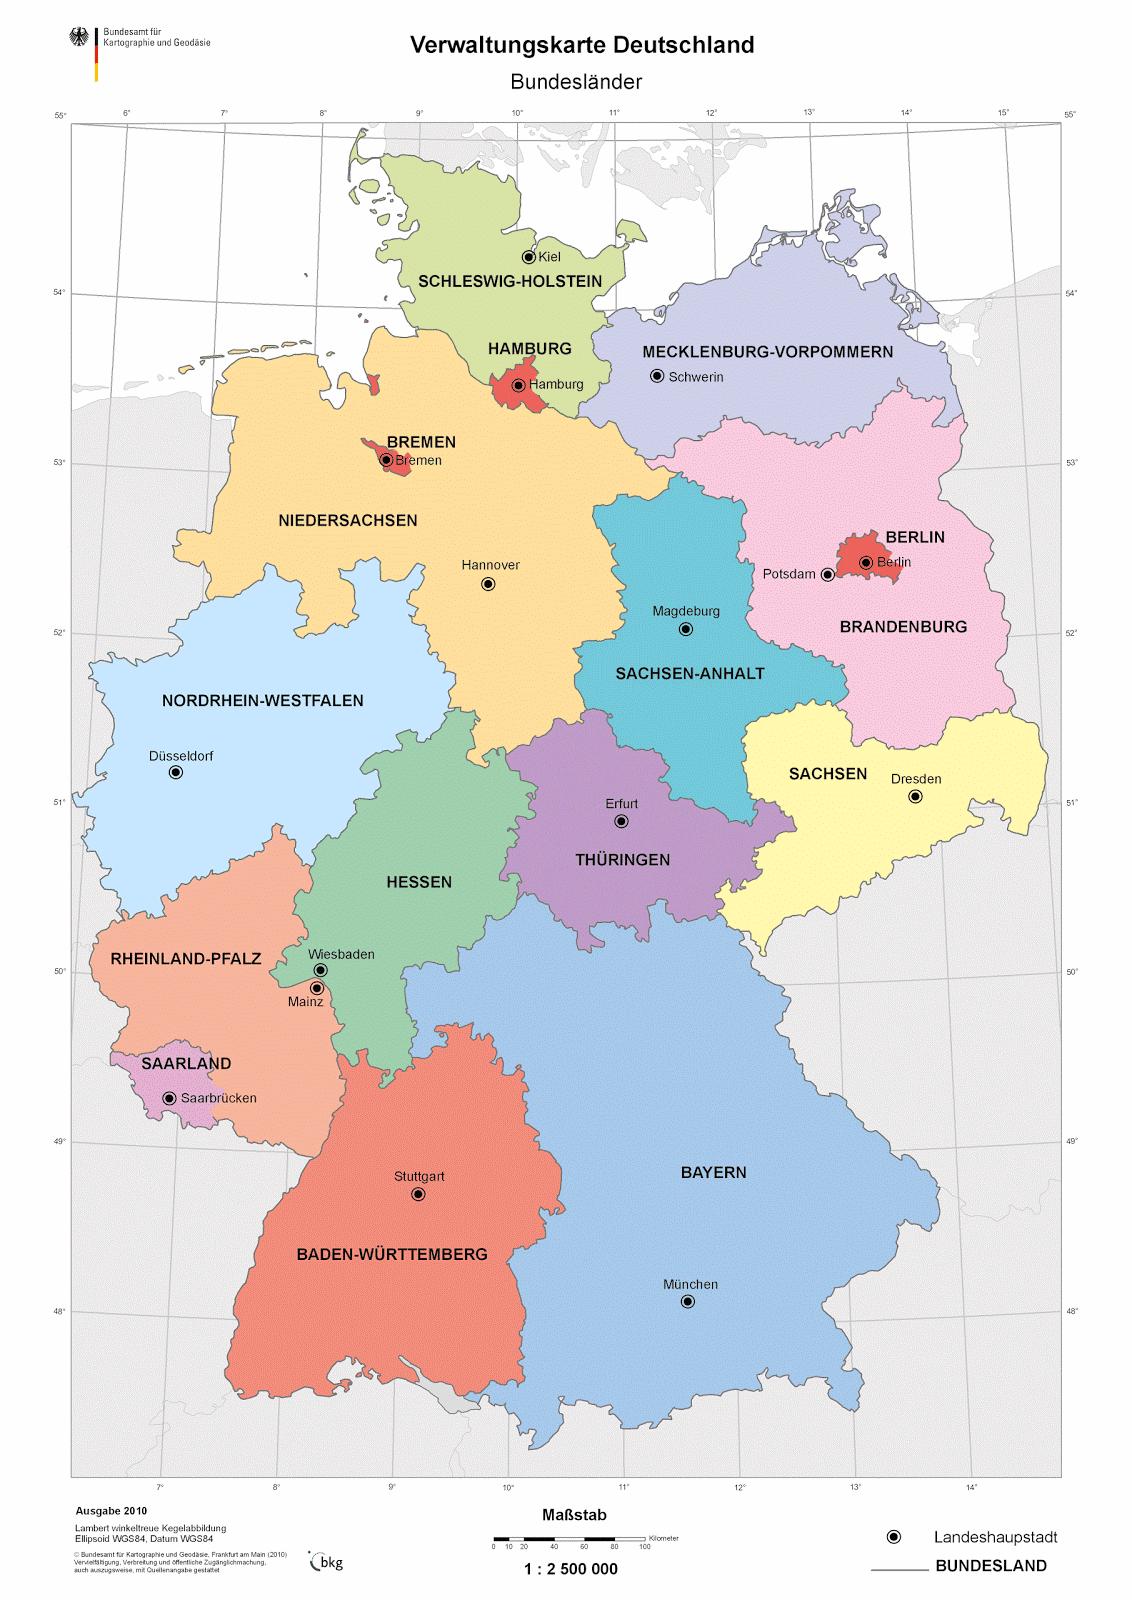 deutschland bundesländer karte pdf Landkartenblog: Online: Verwaltungskarte Deutschland der Bundesländer